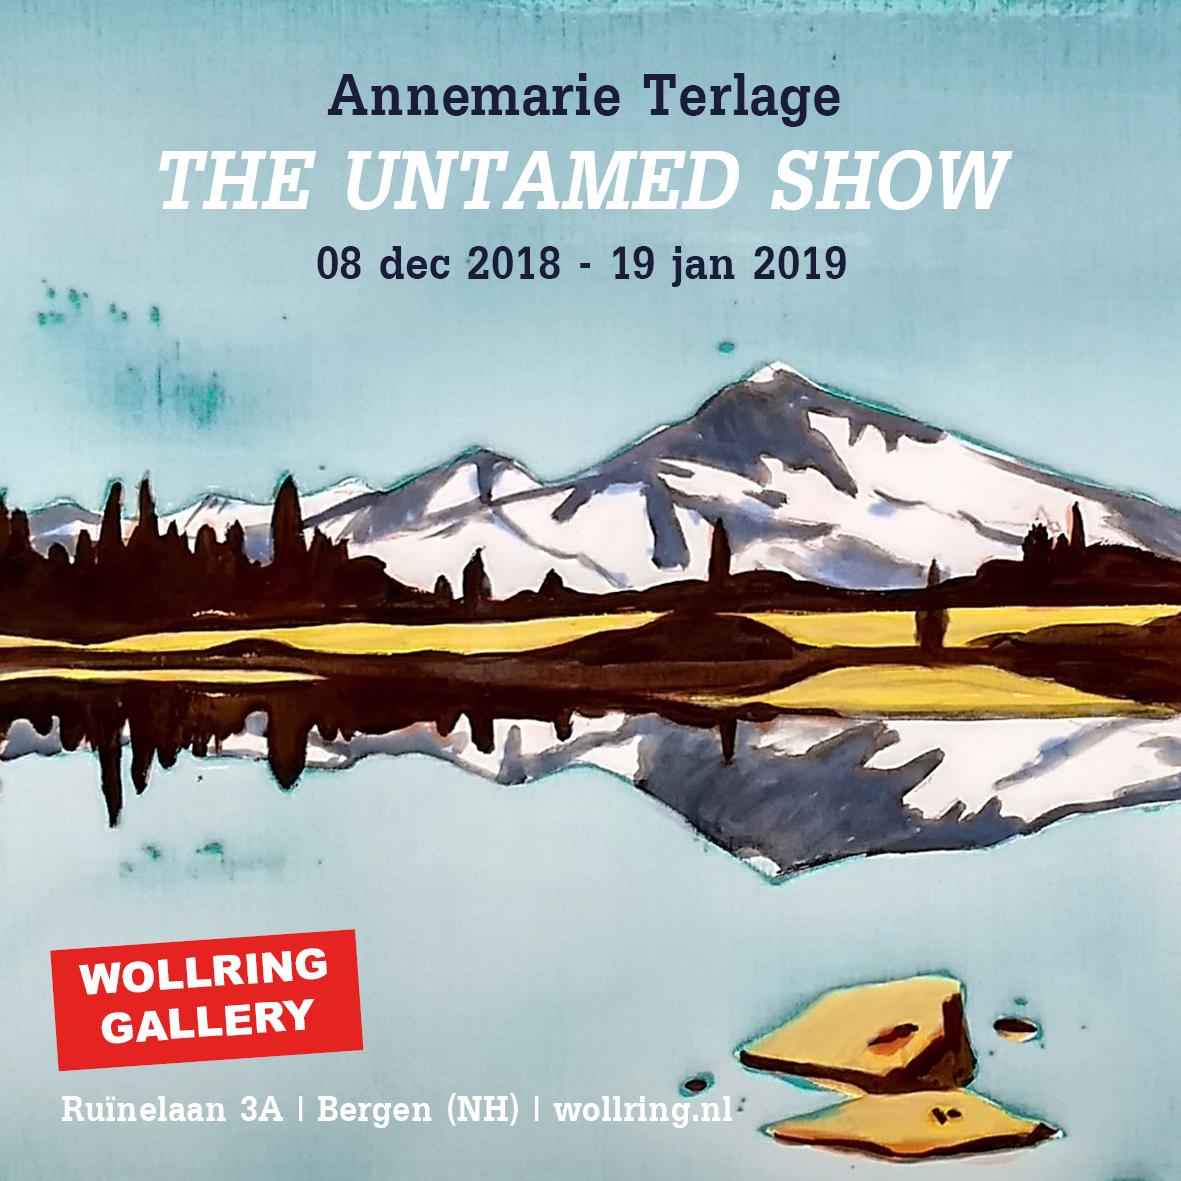 the untamed show annemarie terlage